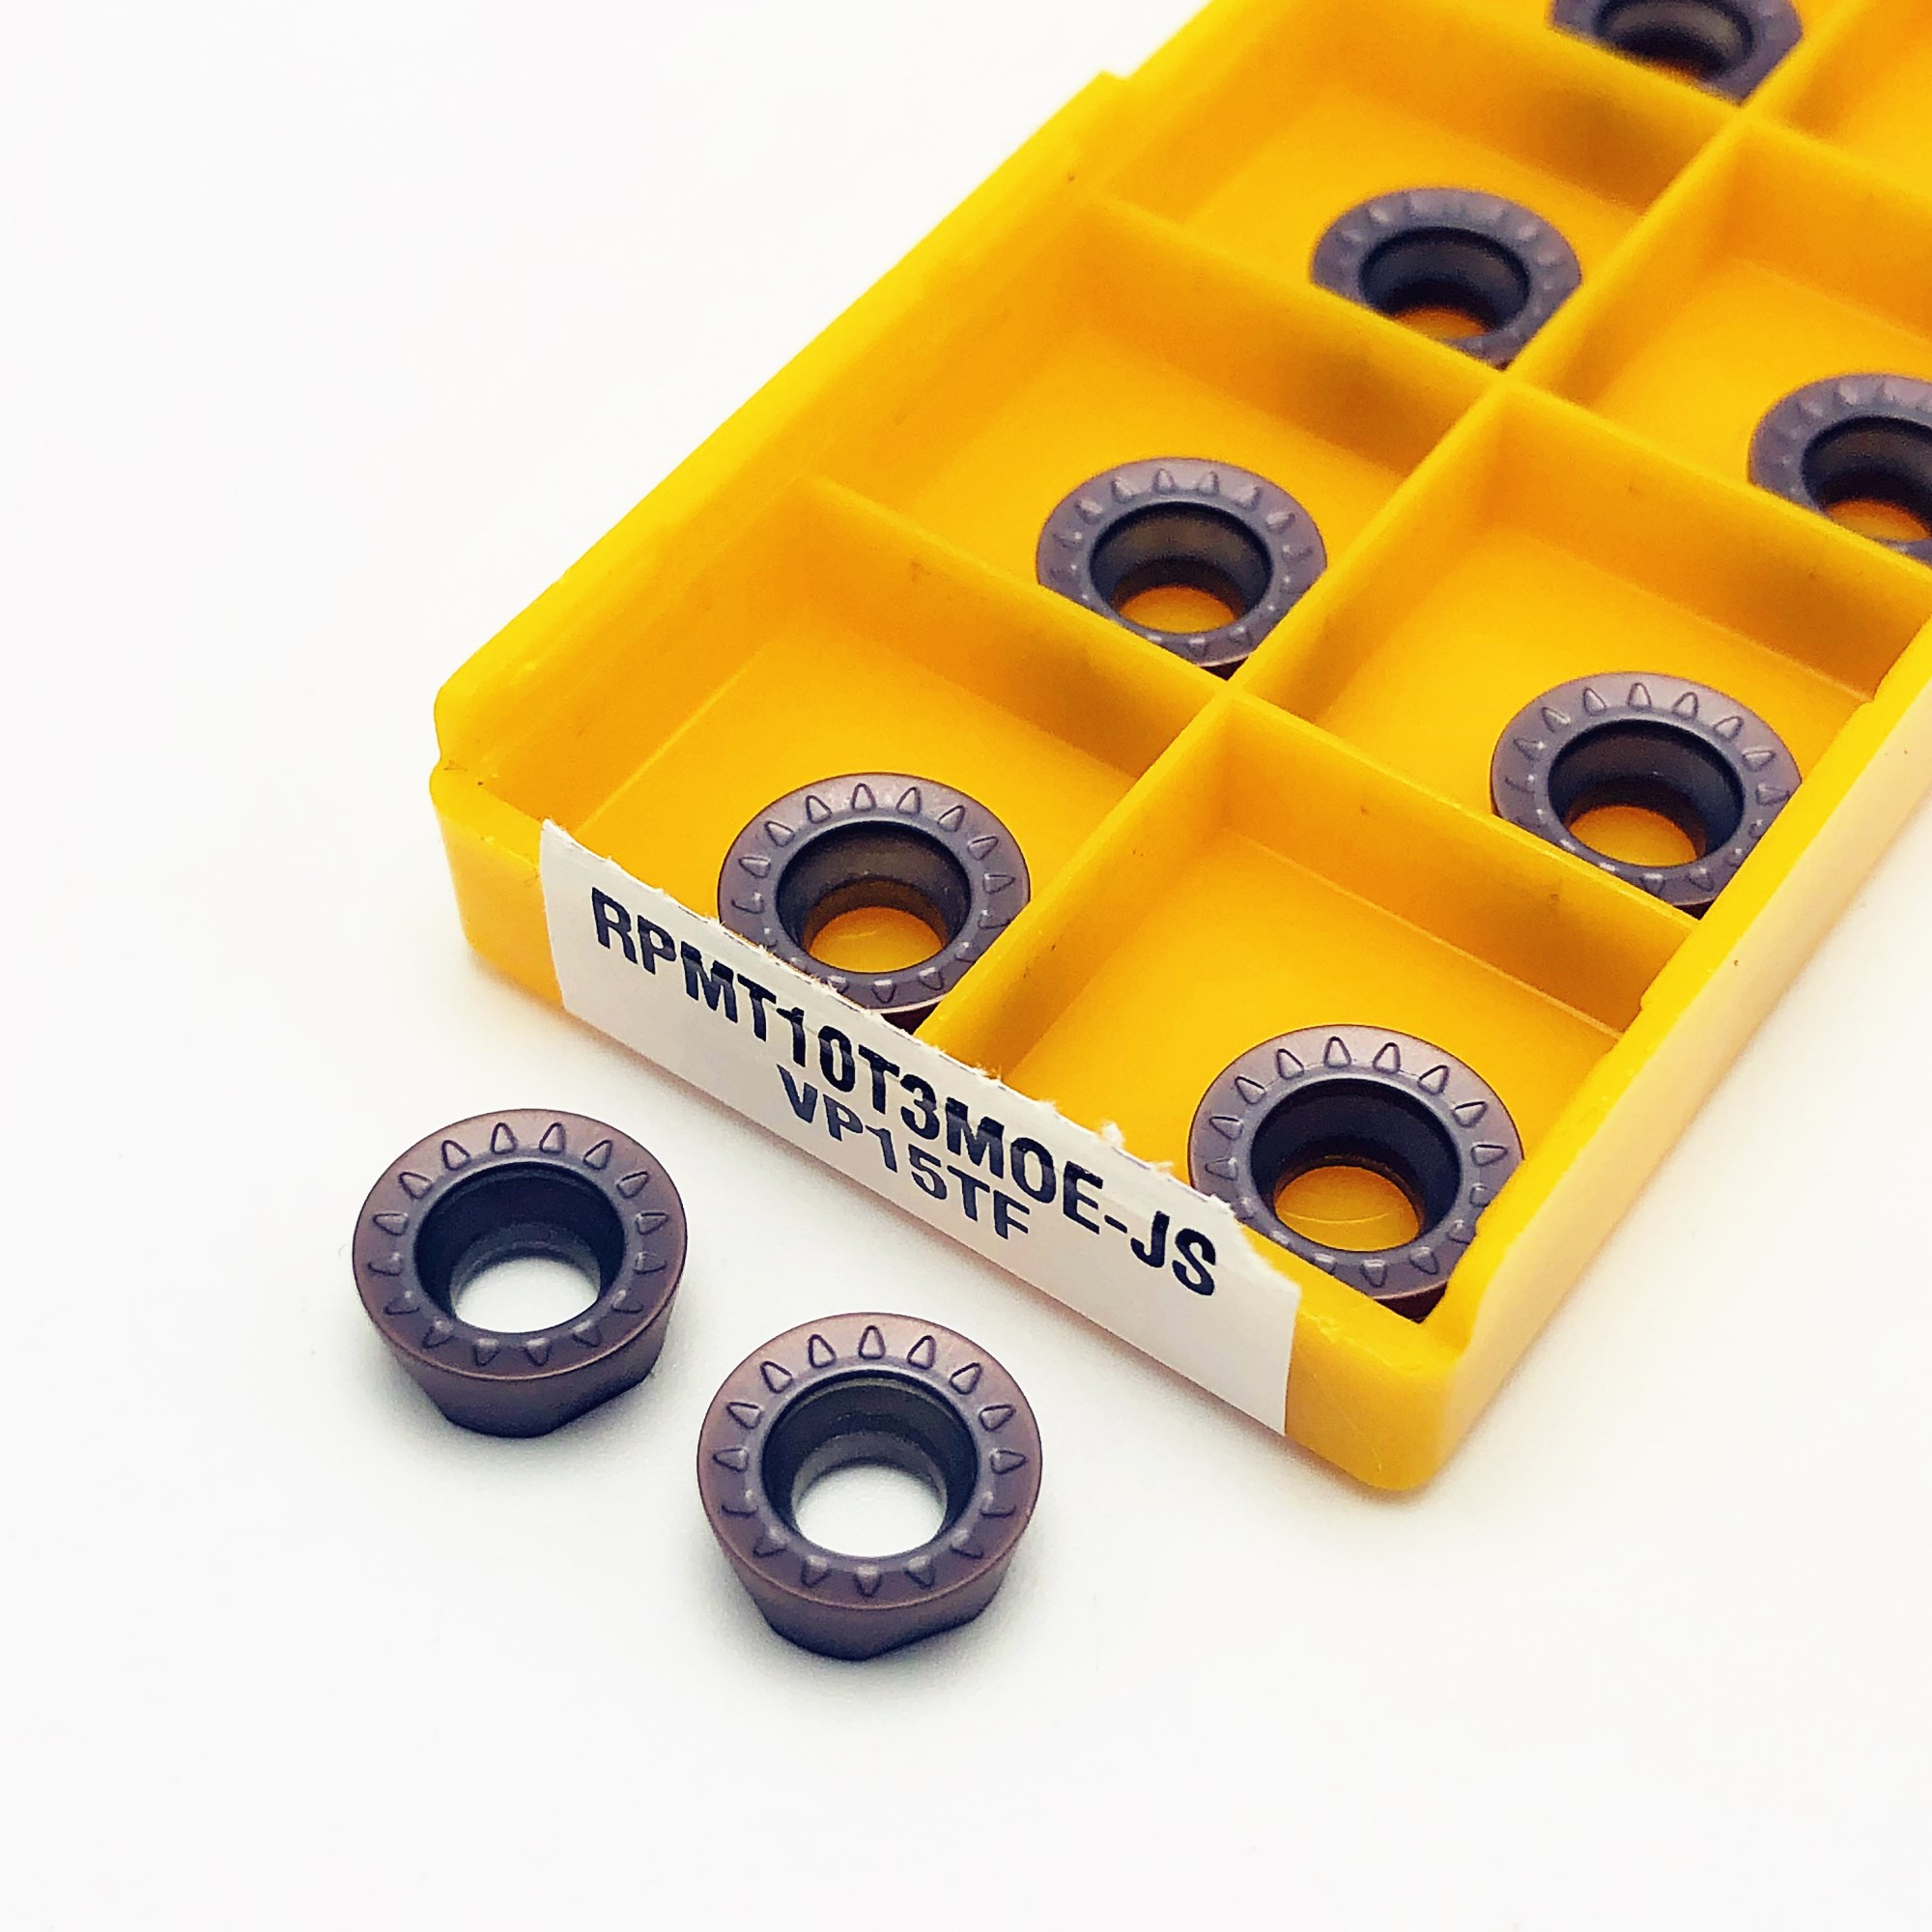 20PCS Carbide Insert RPMT10T3MO E JS VP15TF Milling Turning Tool RPMT 10T3MOE JS Lathe Tool Milling Cutter CNC Tool Lathe Tool